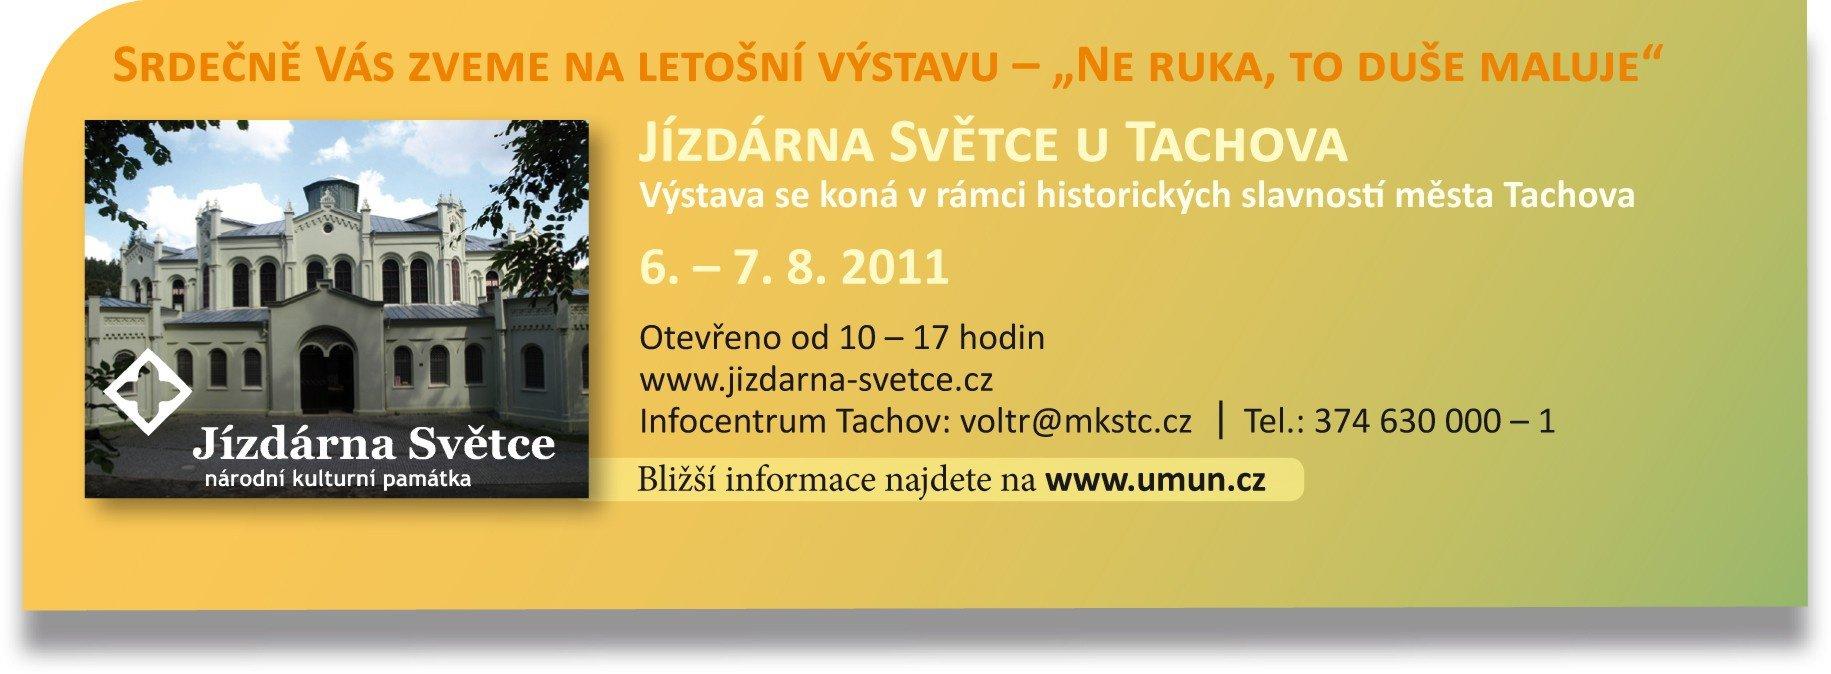 Výstava v rámci historických slavností města Tachova